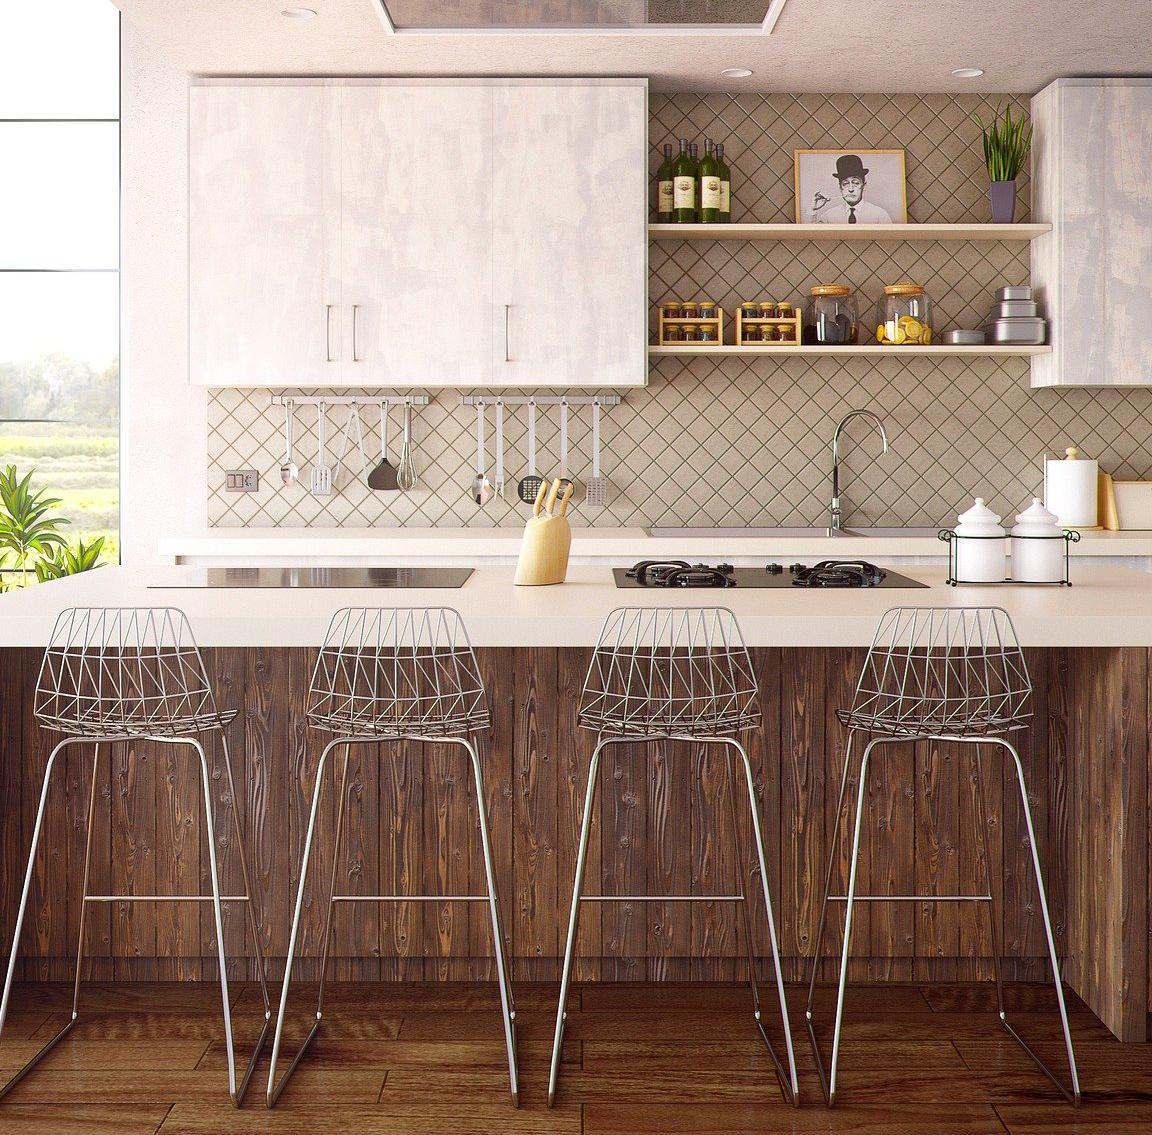 Rénovation de cuisine à Stiring-Wendel 57350 : Les tarifs